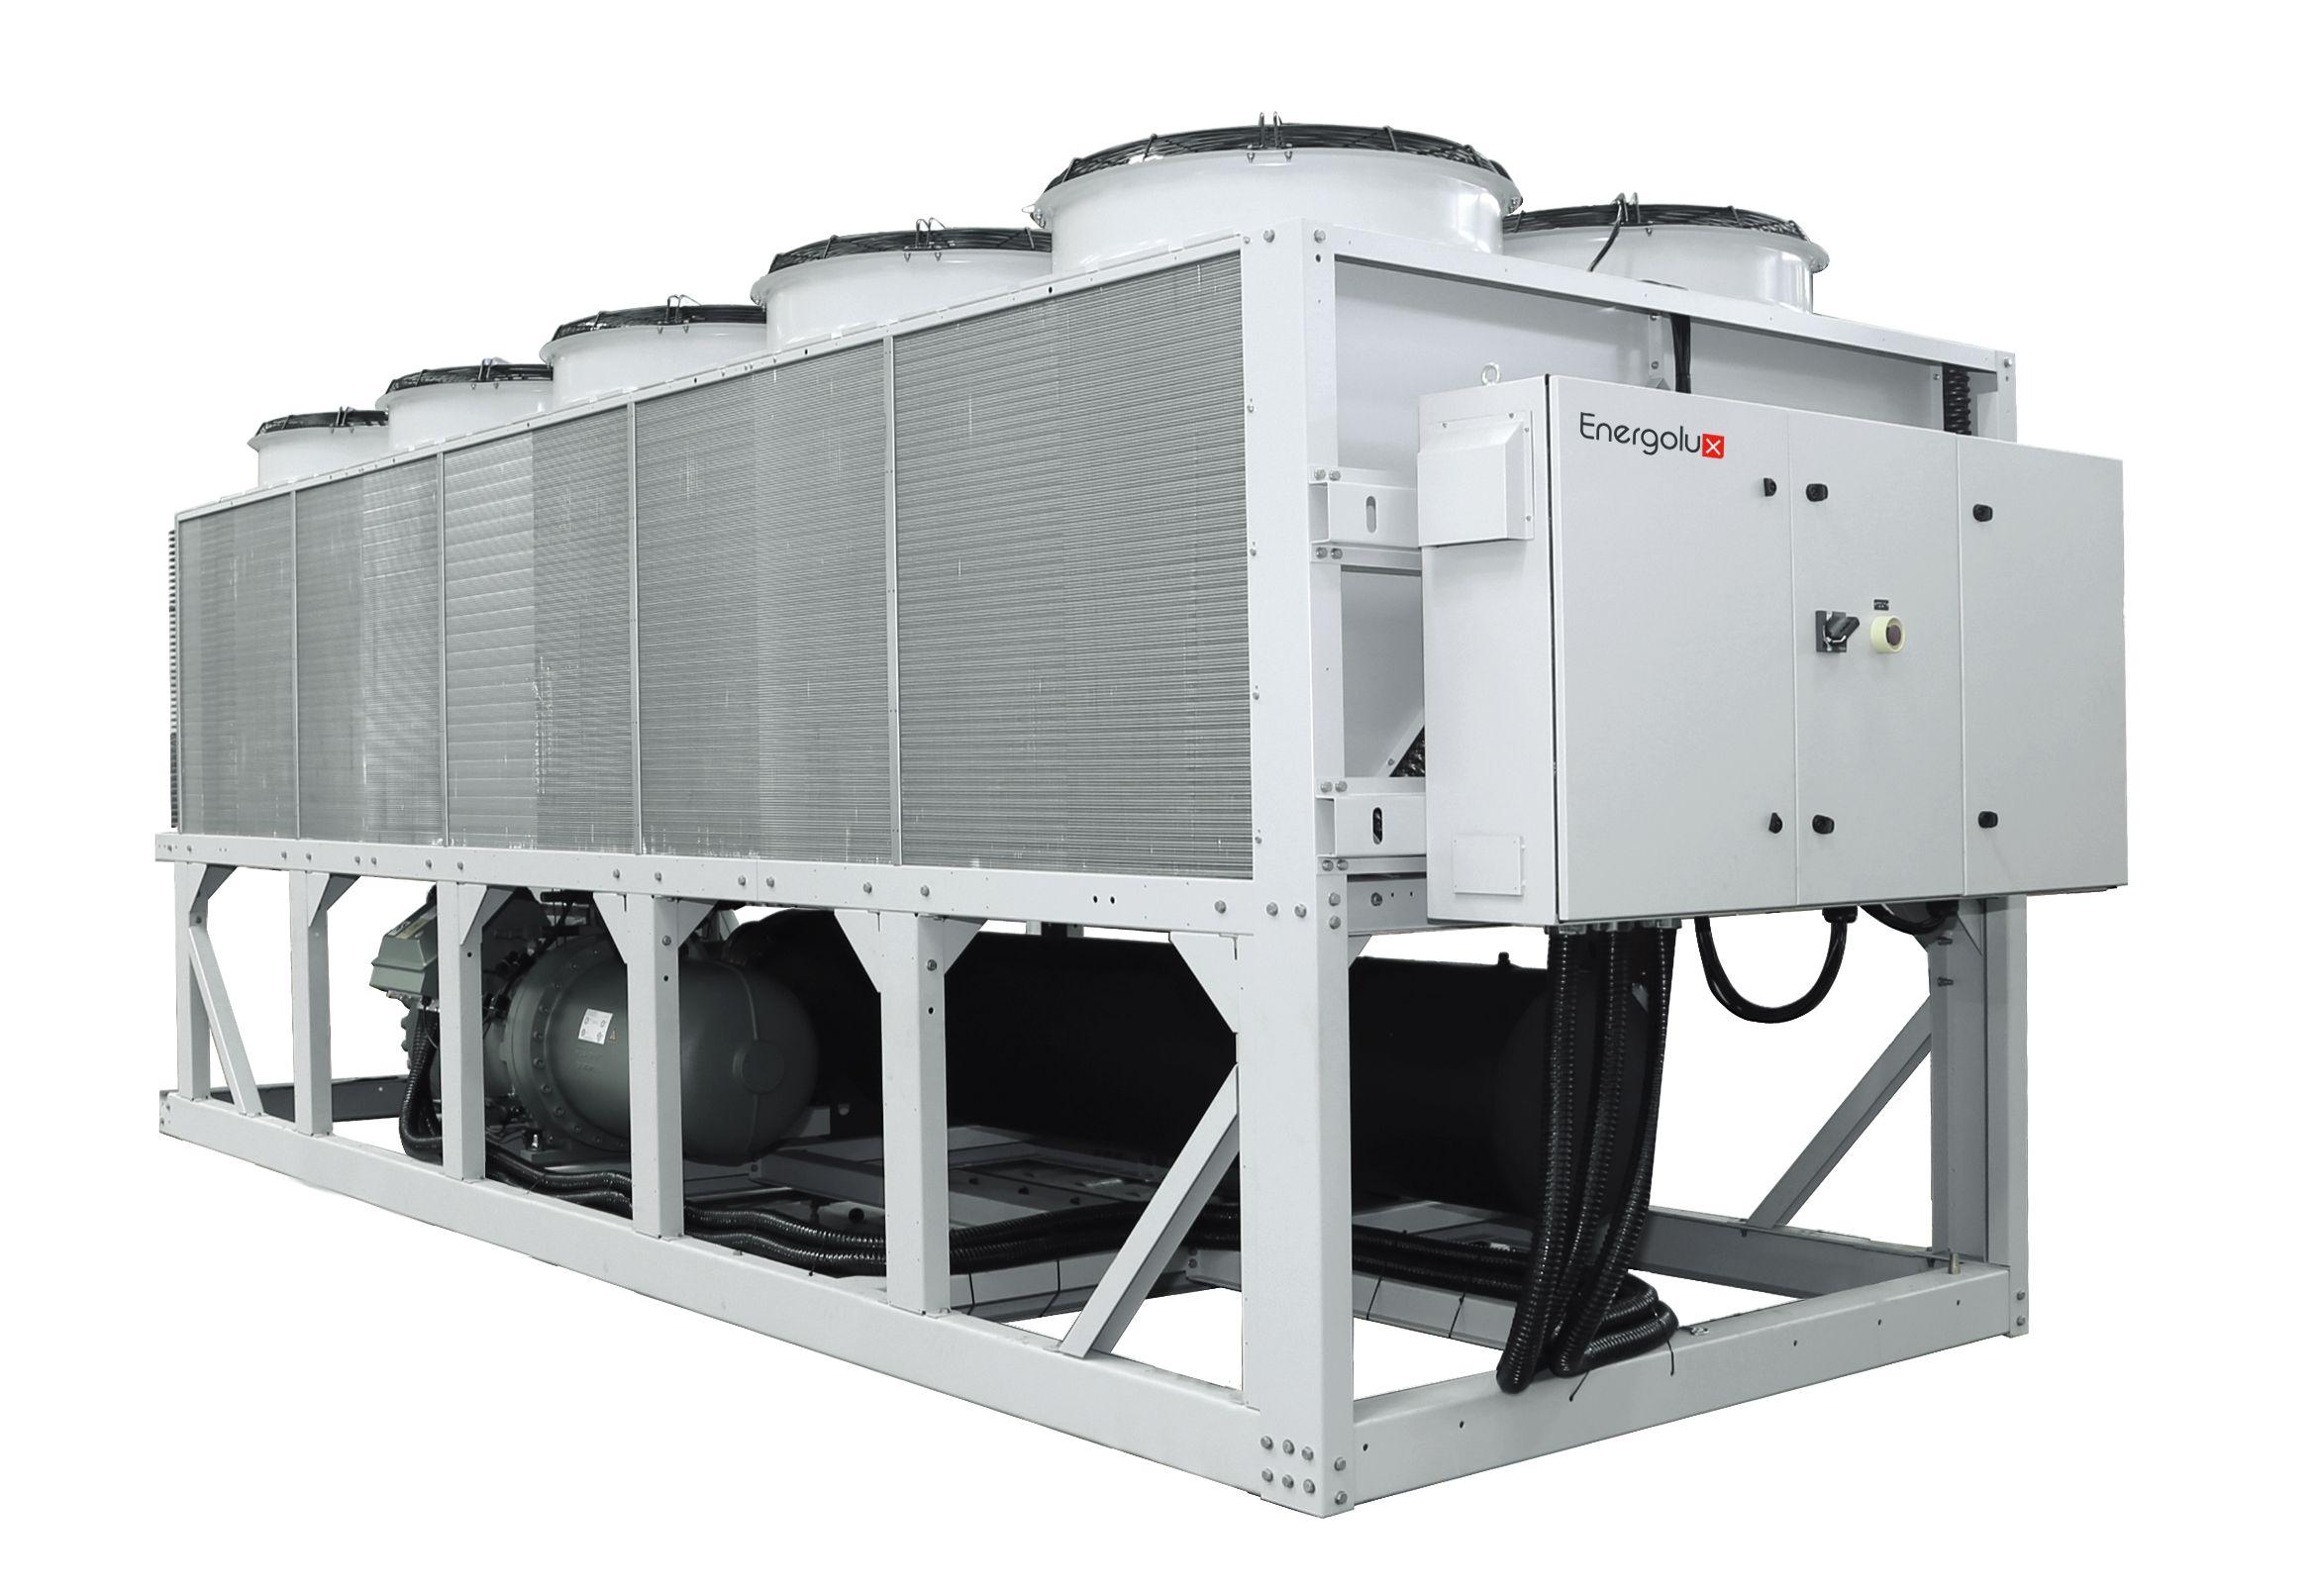 Energolux SCAW-FC-T 2390 V